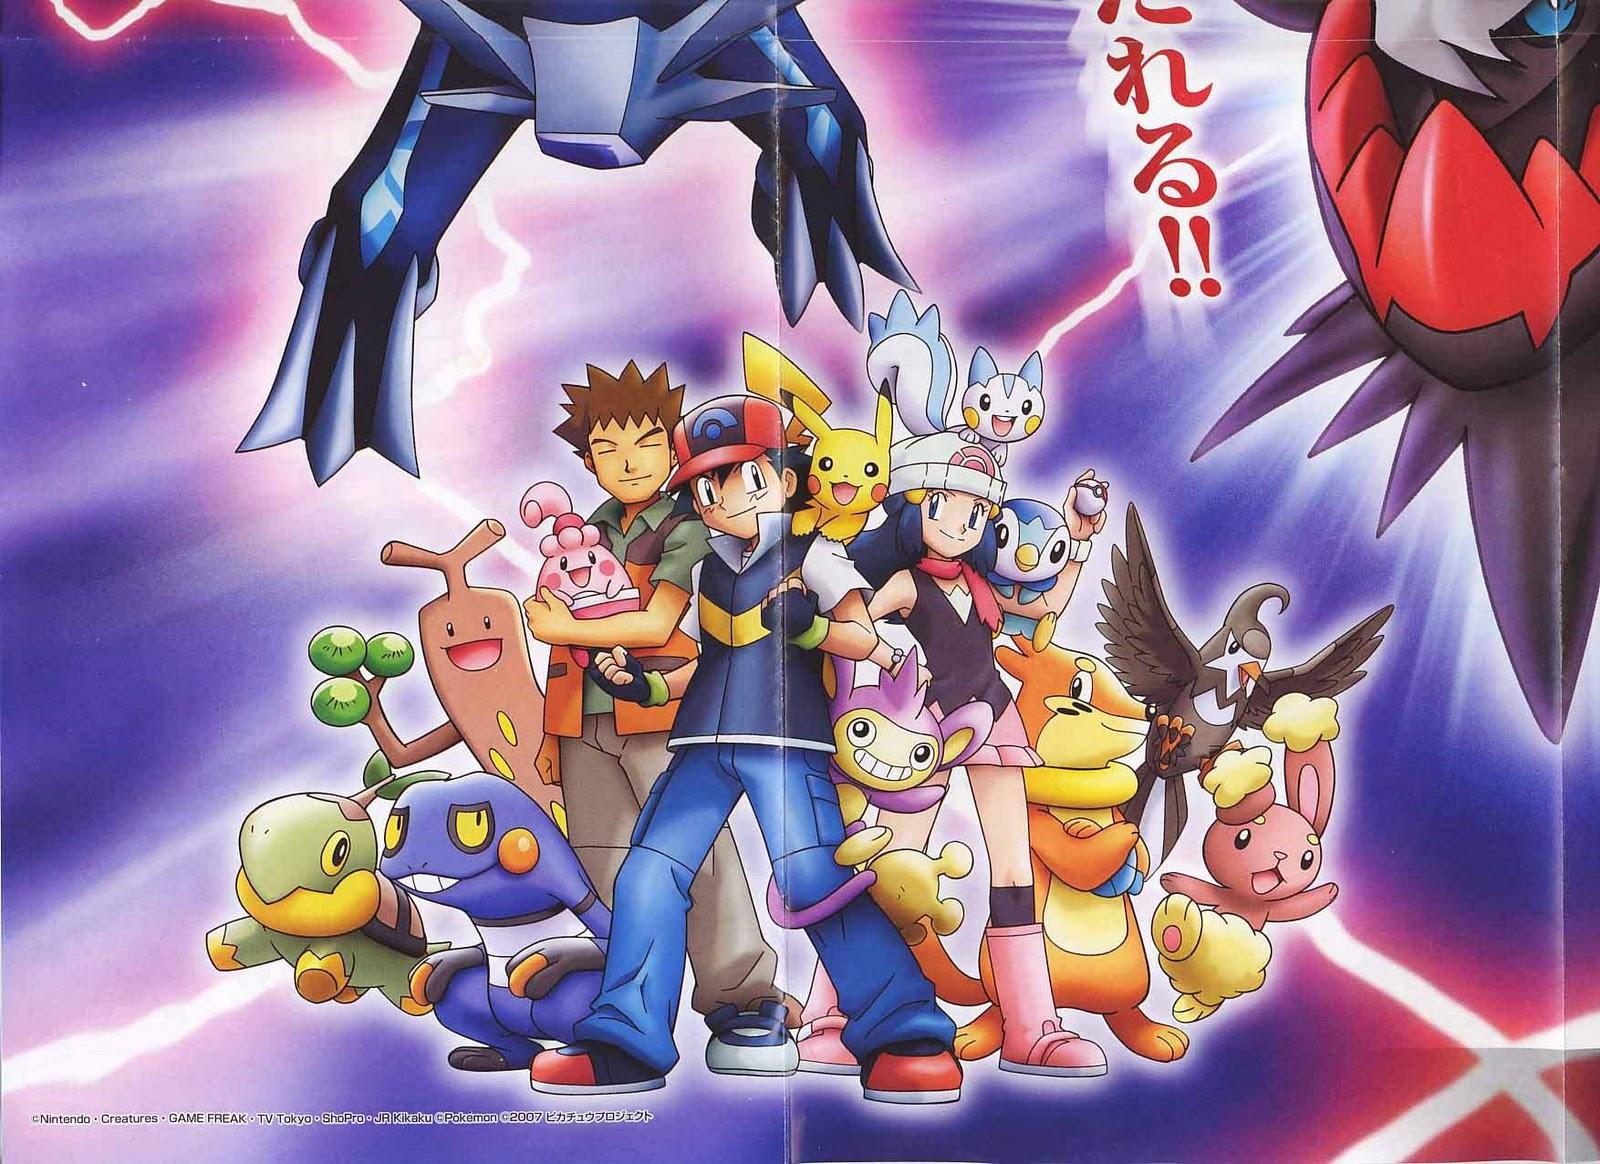 http://2.bp.blogspot.com/_Cc3gulUhlvs/TJ_n3JwPhuI/AAAAAAAACRc/FwYbWaJS2yA/s1600/pokemon-wallpaper.jpg